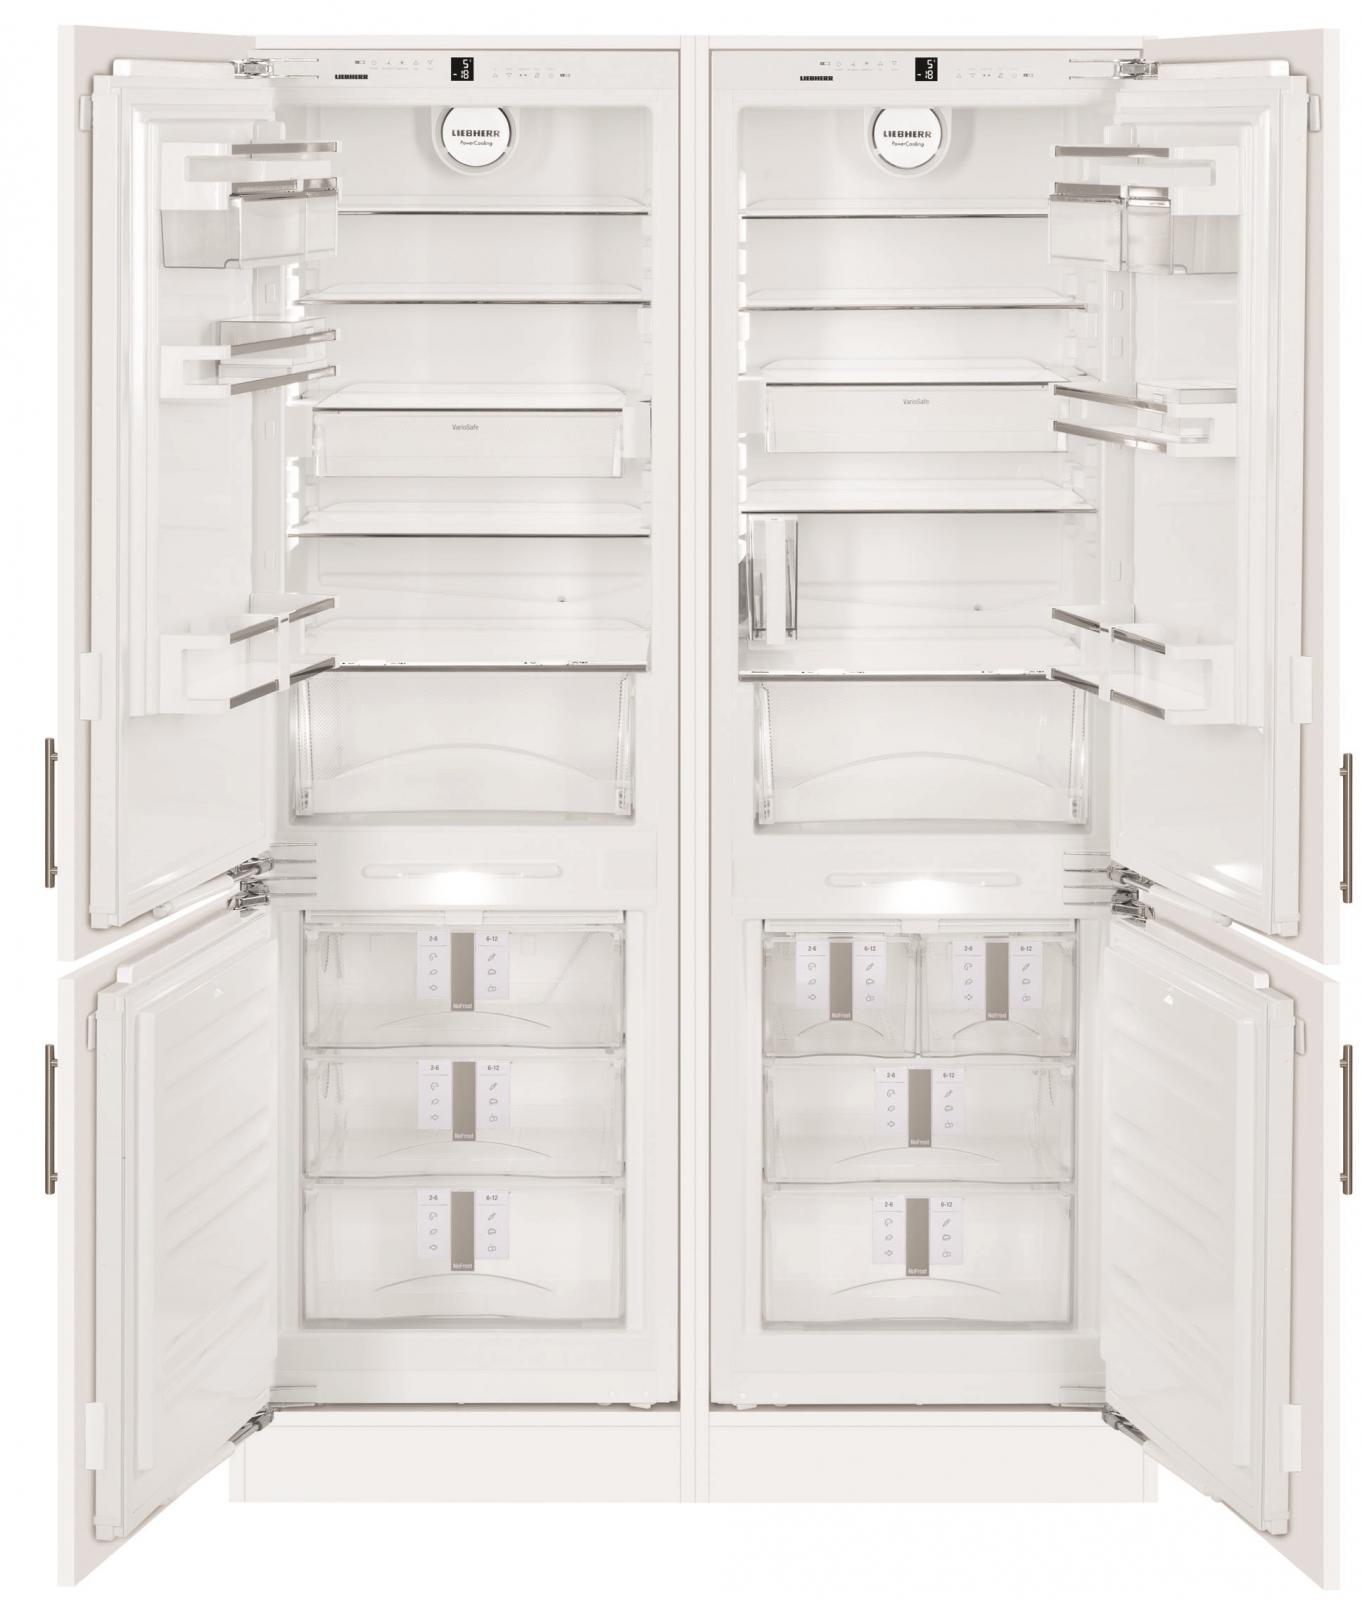 купить Встраиваемый холодильник Side-by-Side Liebherr SBS 66I2 Украина фото 1